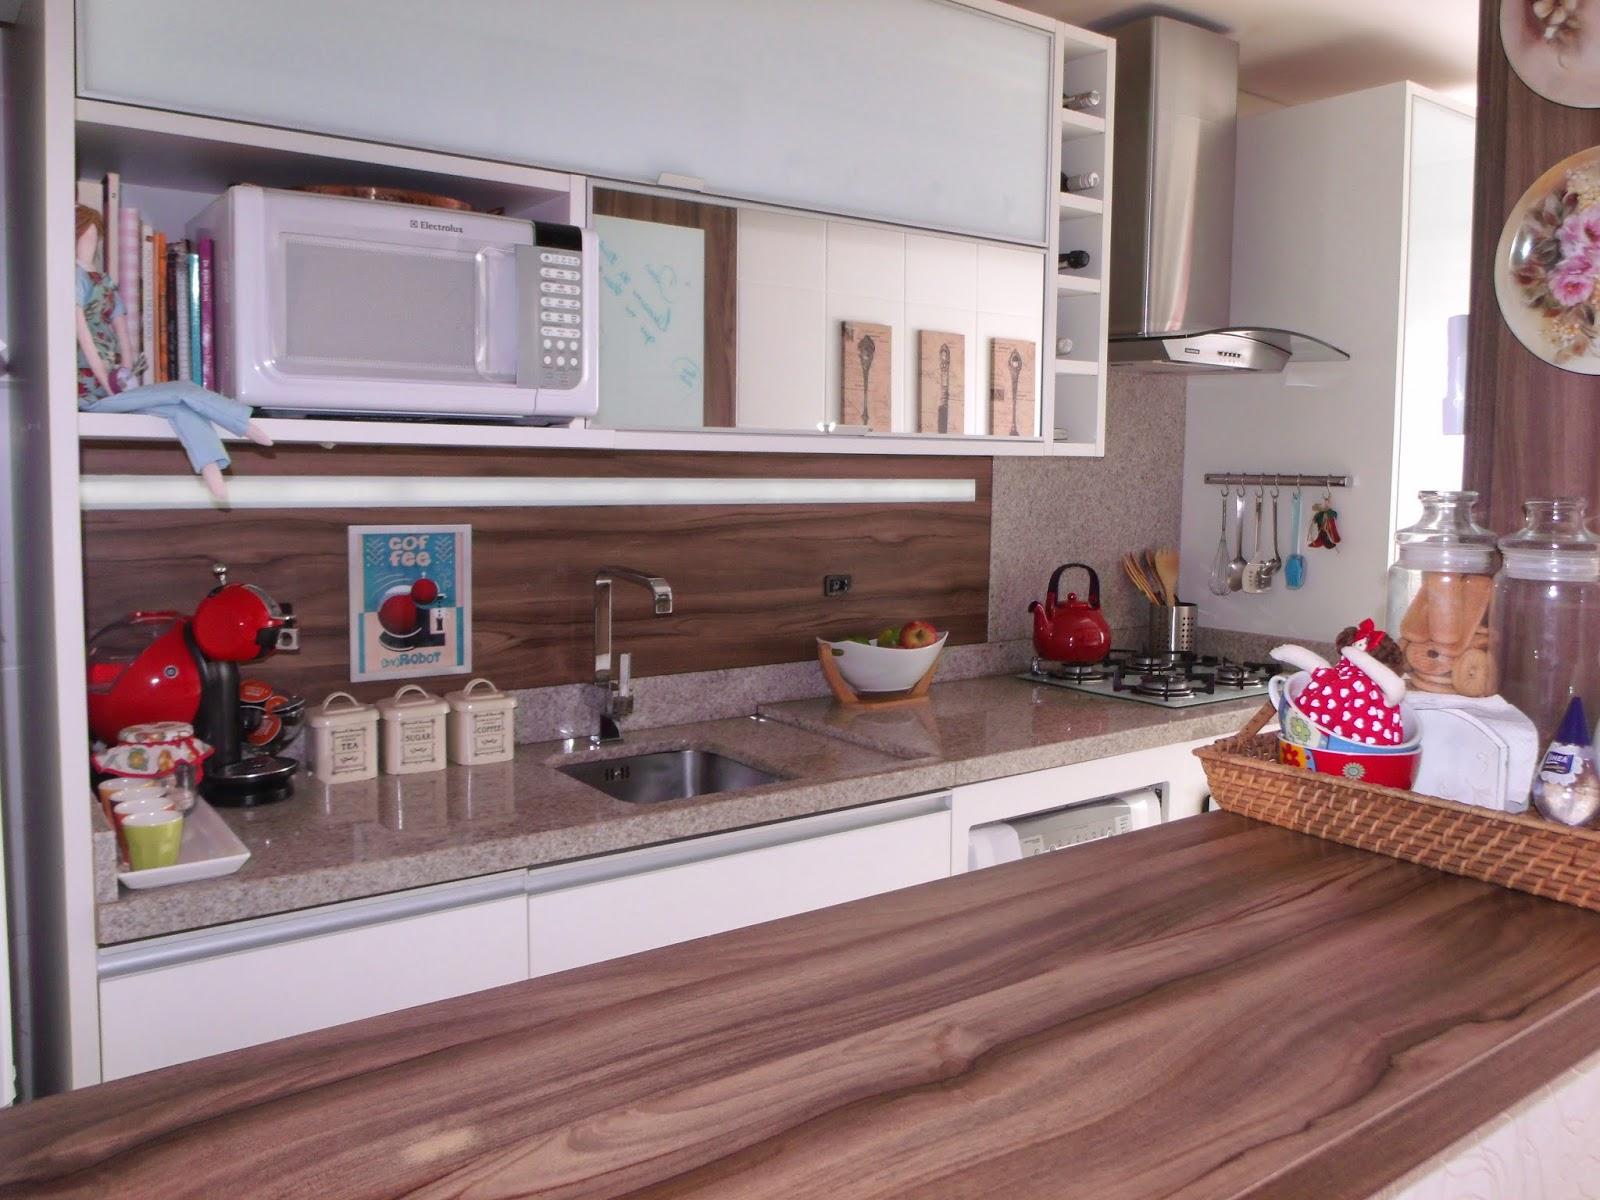 Tô Decorando por Jana Cassis!: Minha cozinha de cara nova! #6C4440 1600 1200